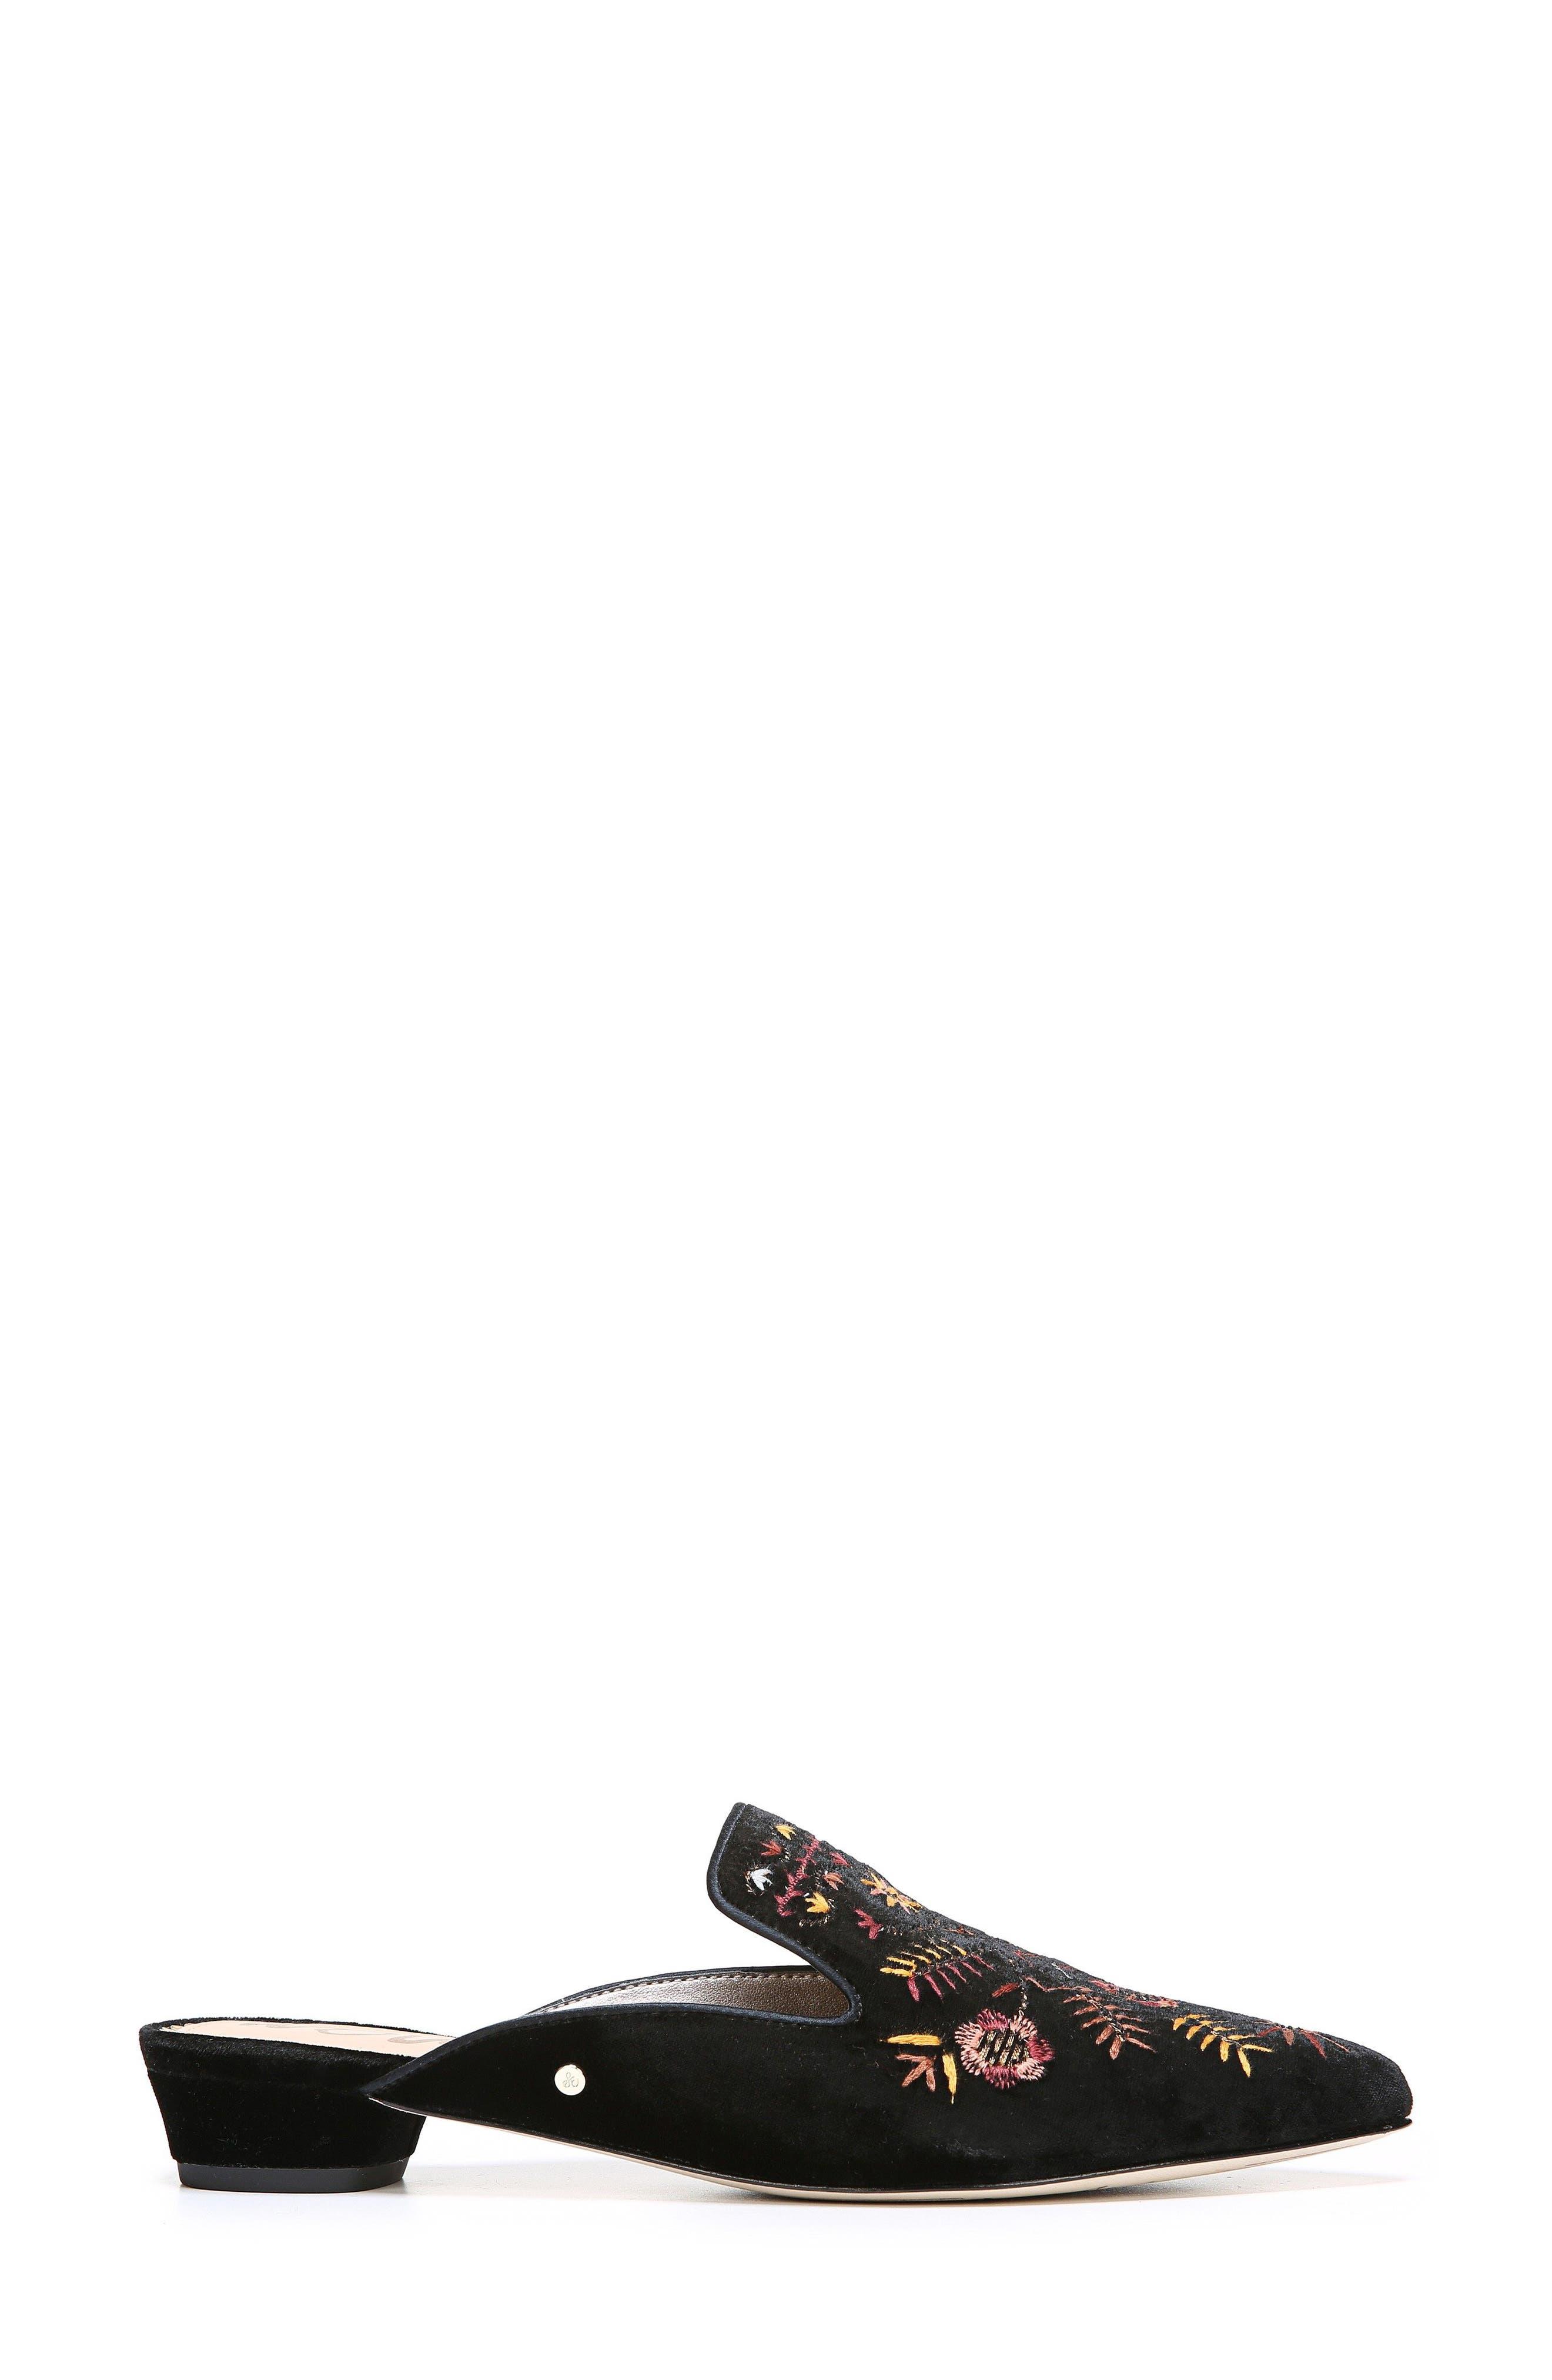 Ansley Pointy Toe Loafer Mule,                             Alternate thumbnail 3, color,                             Black Velvet